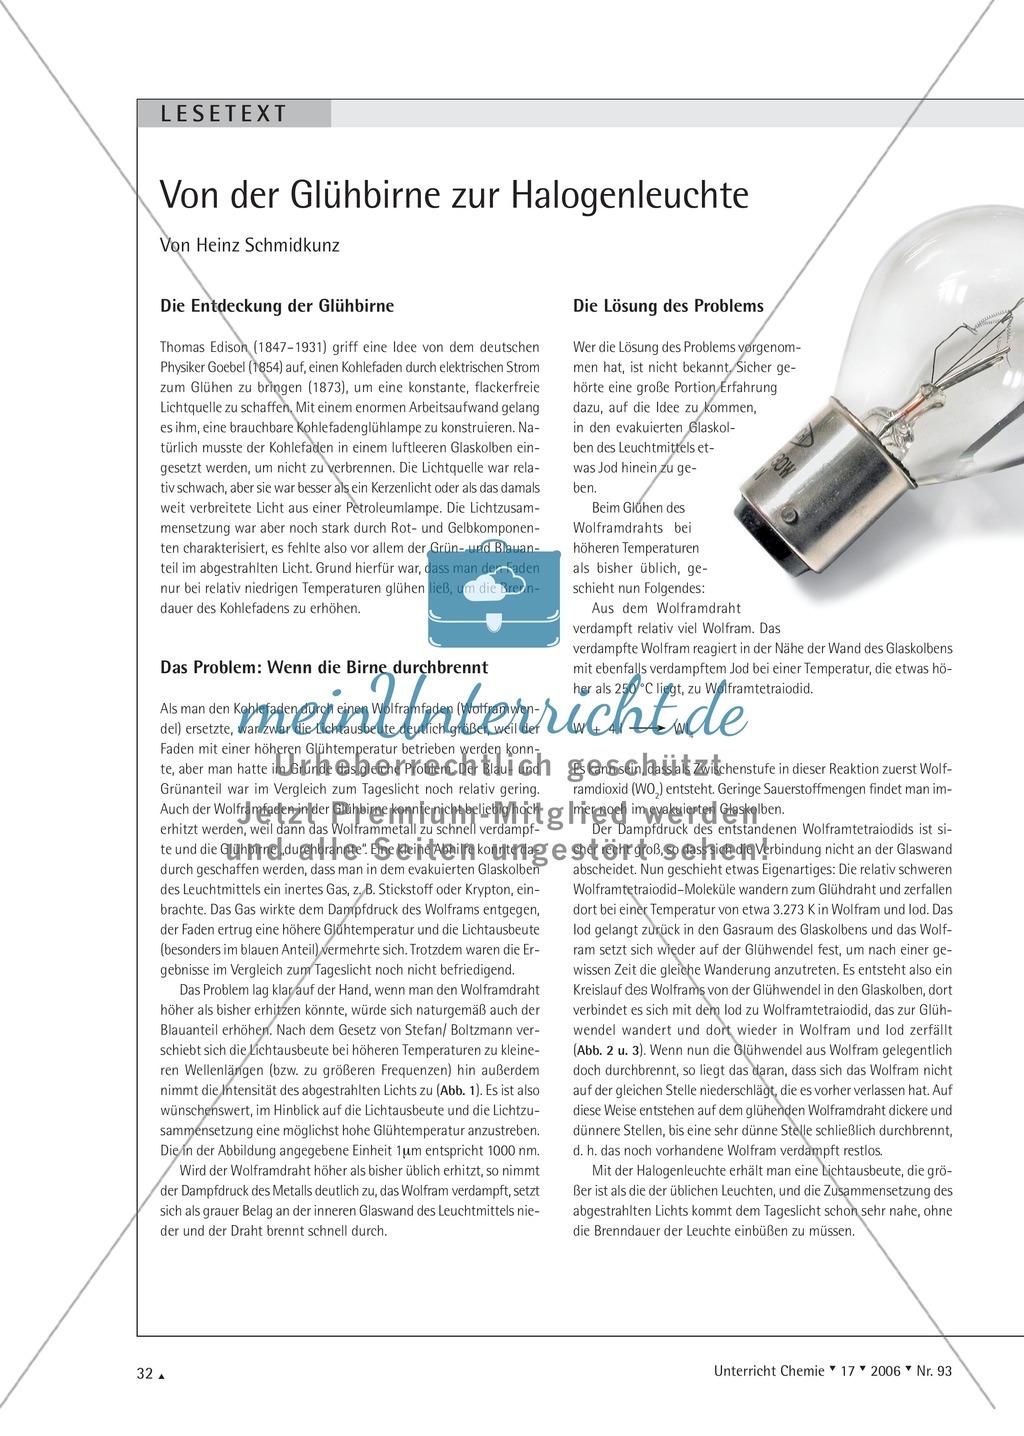 Chemische Reaktion von Wolfram mit Sauerstoff am Beispiel einer defekten Glühbirne Preview 4